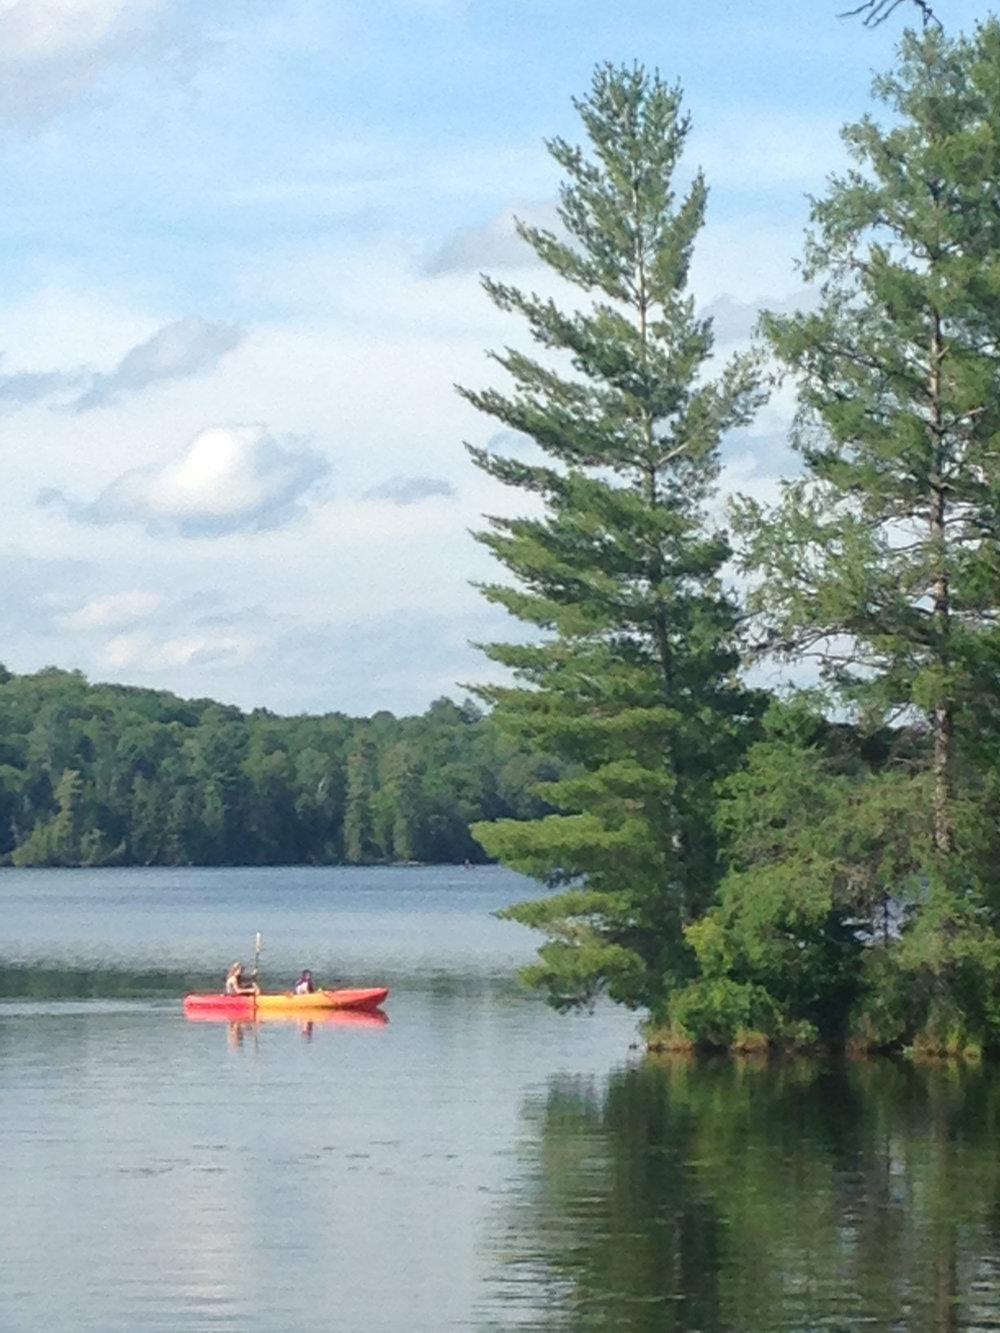 Kayaking on Contau